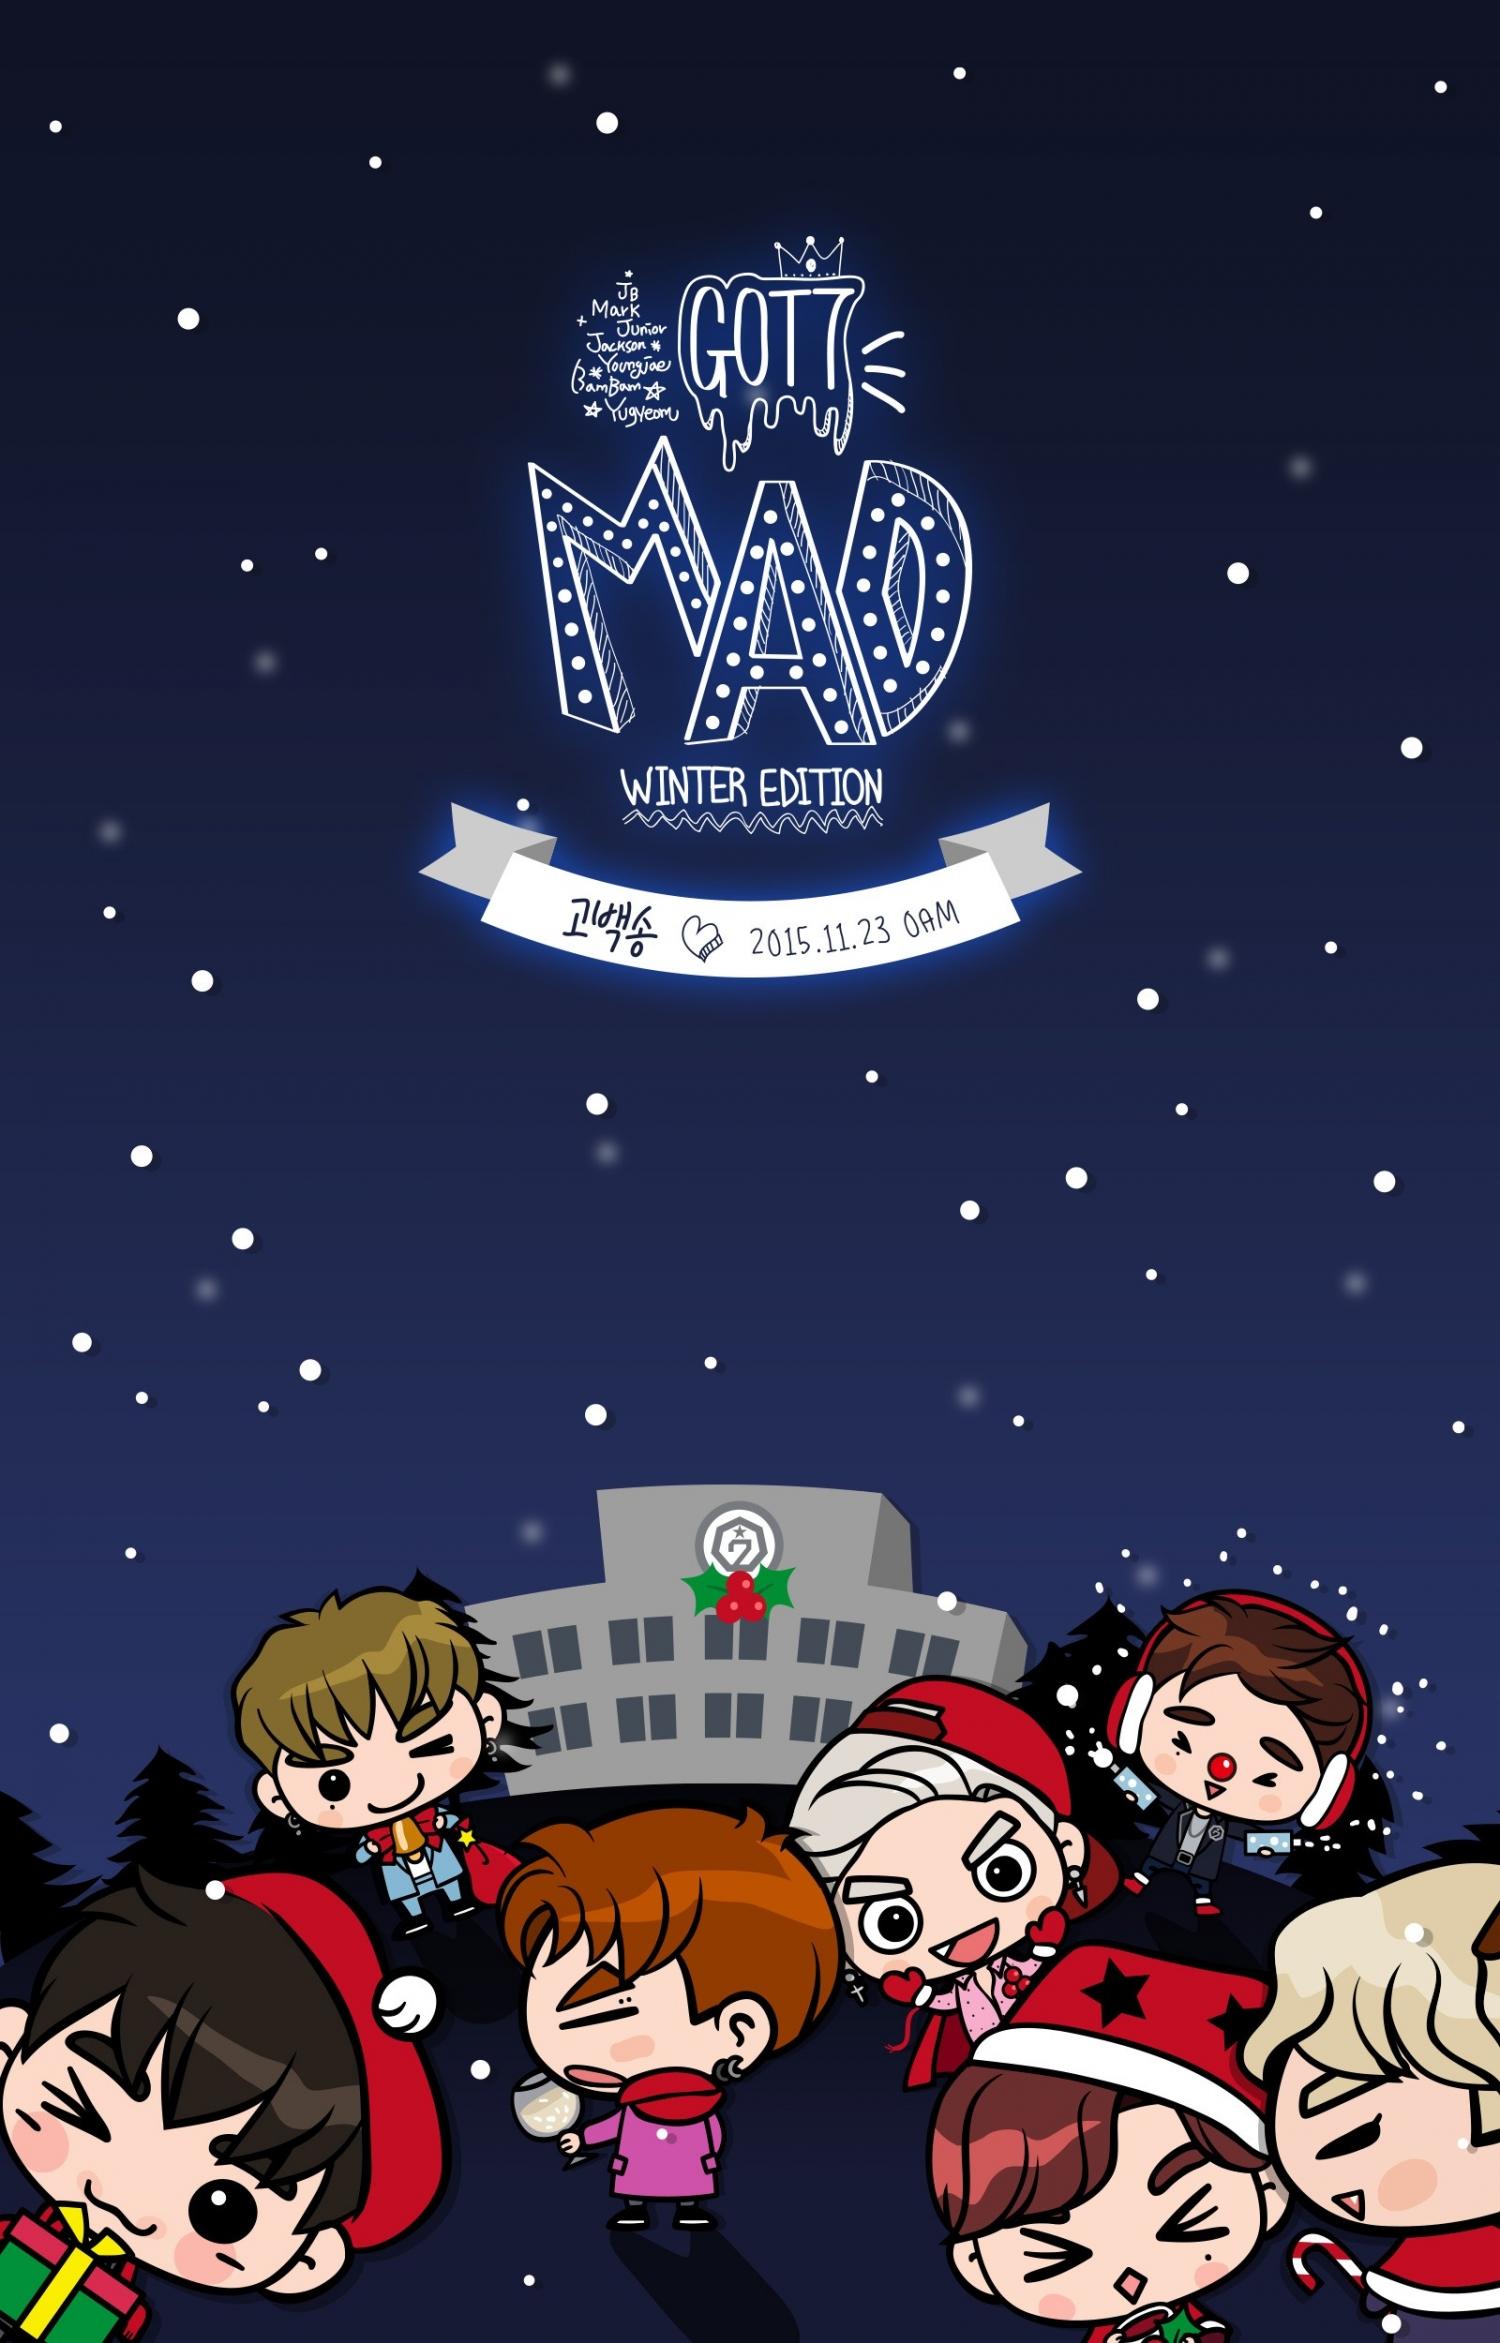 完整新曲和mv将会于23日0时(韩国时间)公开.